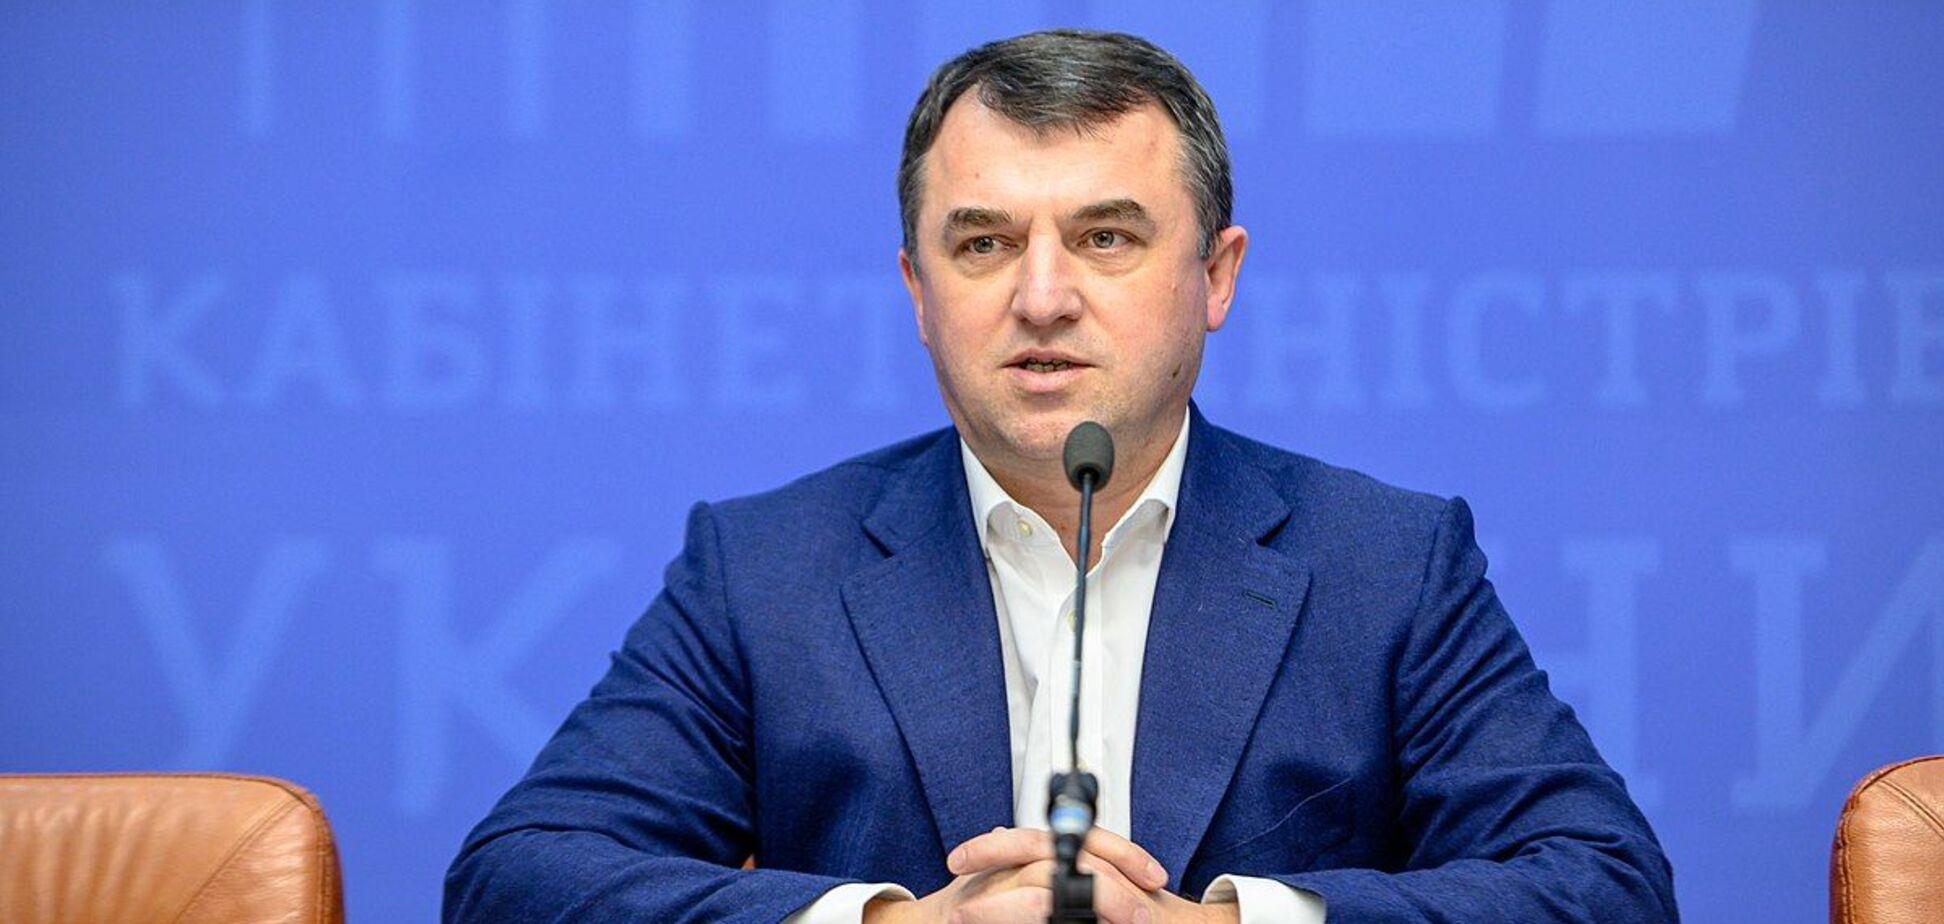 НКРЕКП анулювала другу ліцензію на торгівлю струмом компанії голови комісії – ТСК